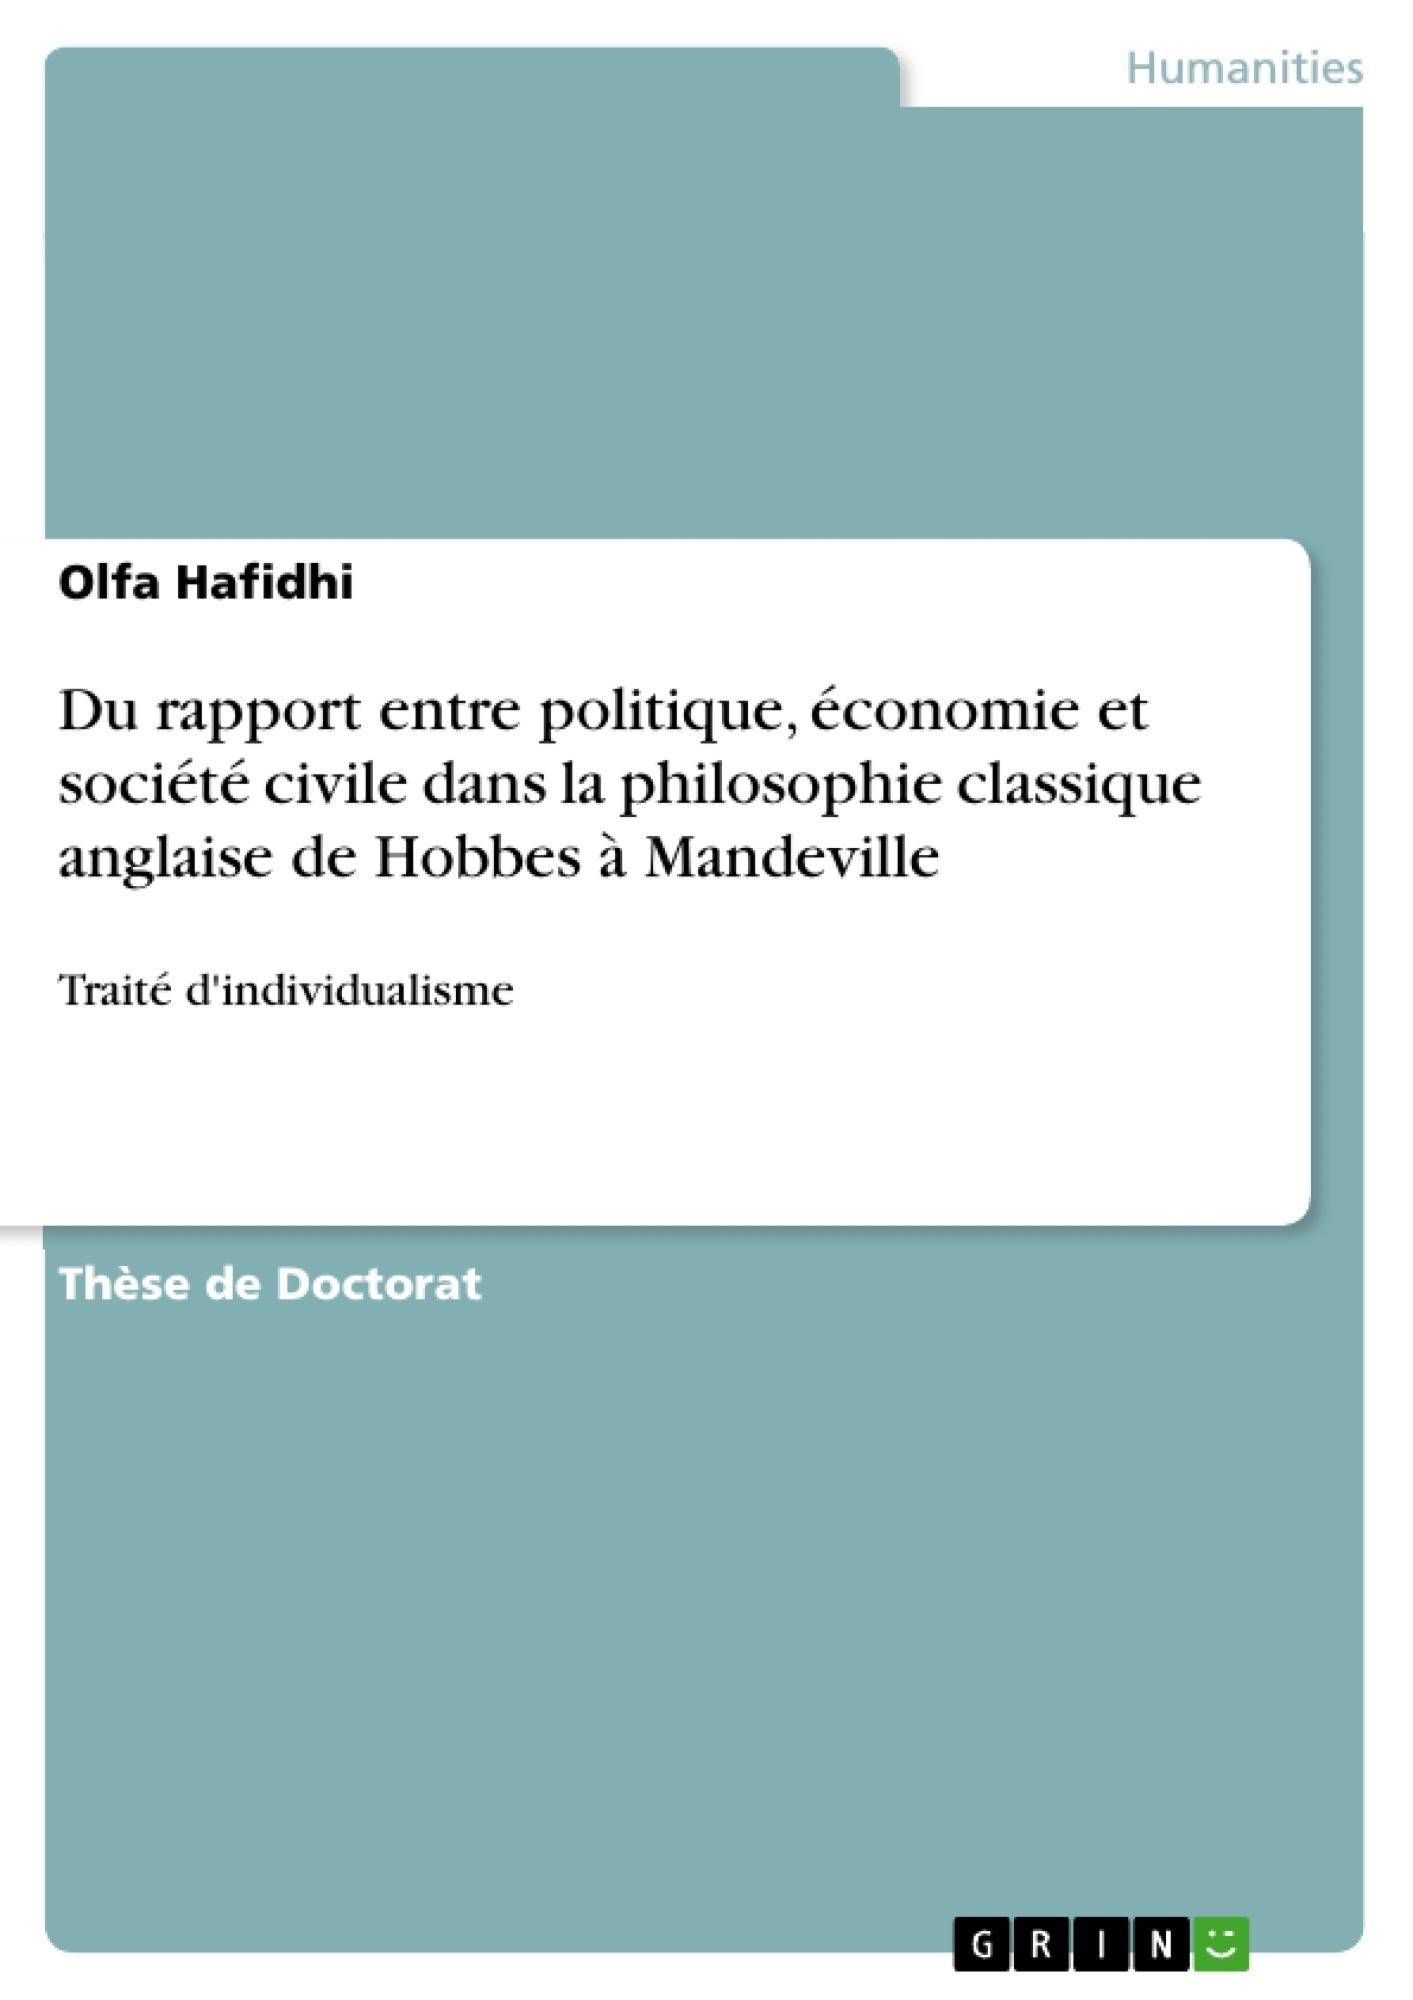 Titre: Du rapport entre politique, économie et société civile dans la philosophie classique anglaise de Hobbes à Mandeville